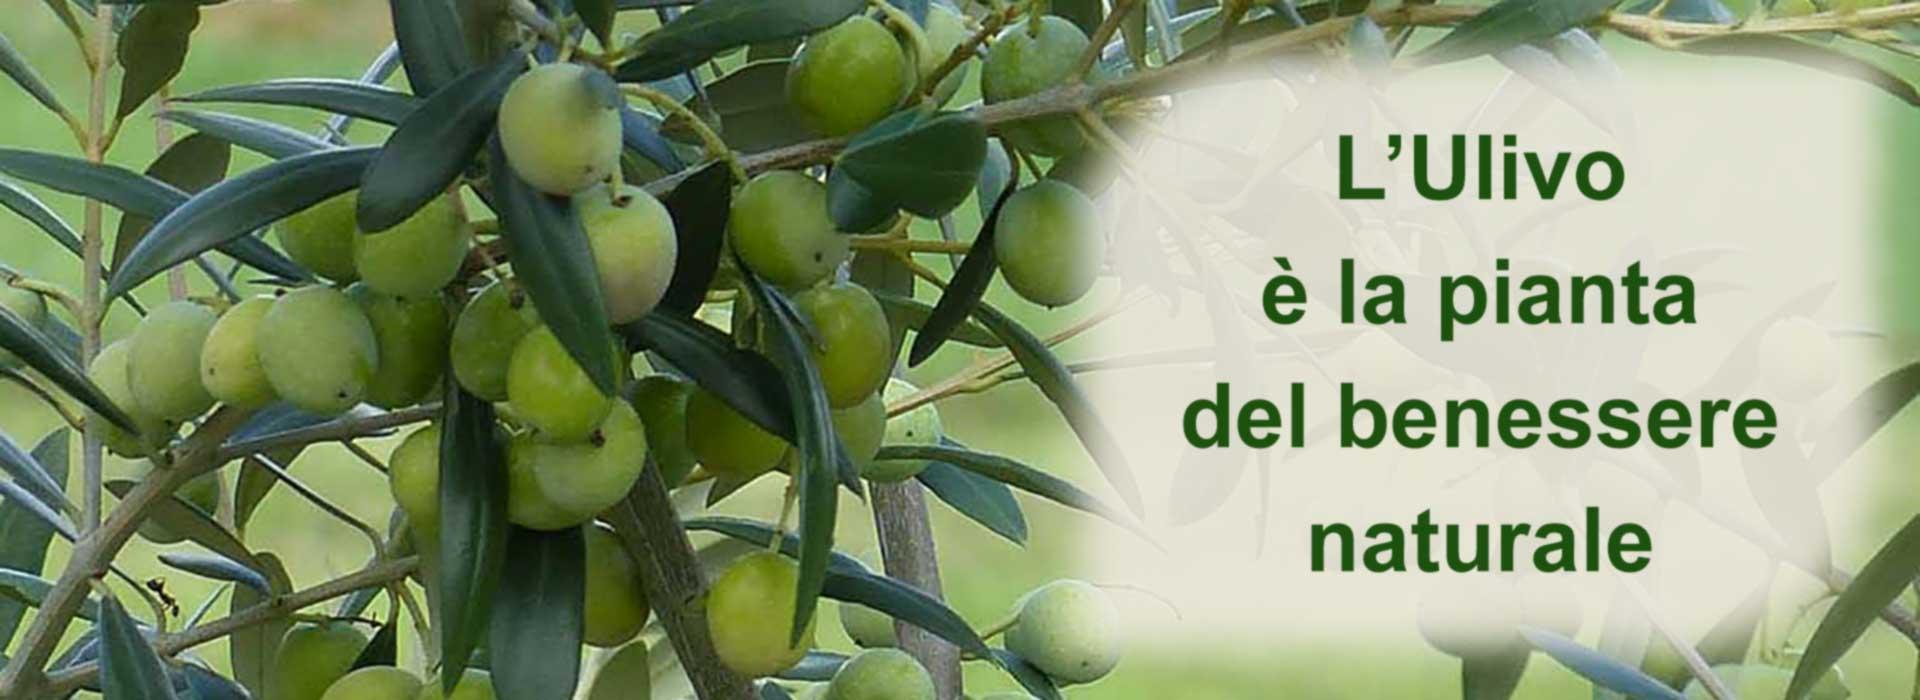 L'infuso di foglie di olivo favorisce il benessere naturale